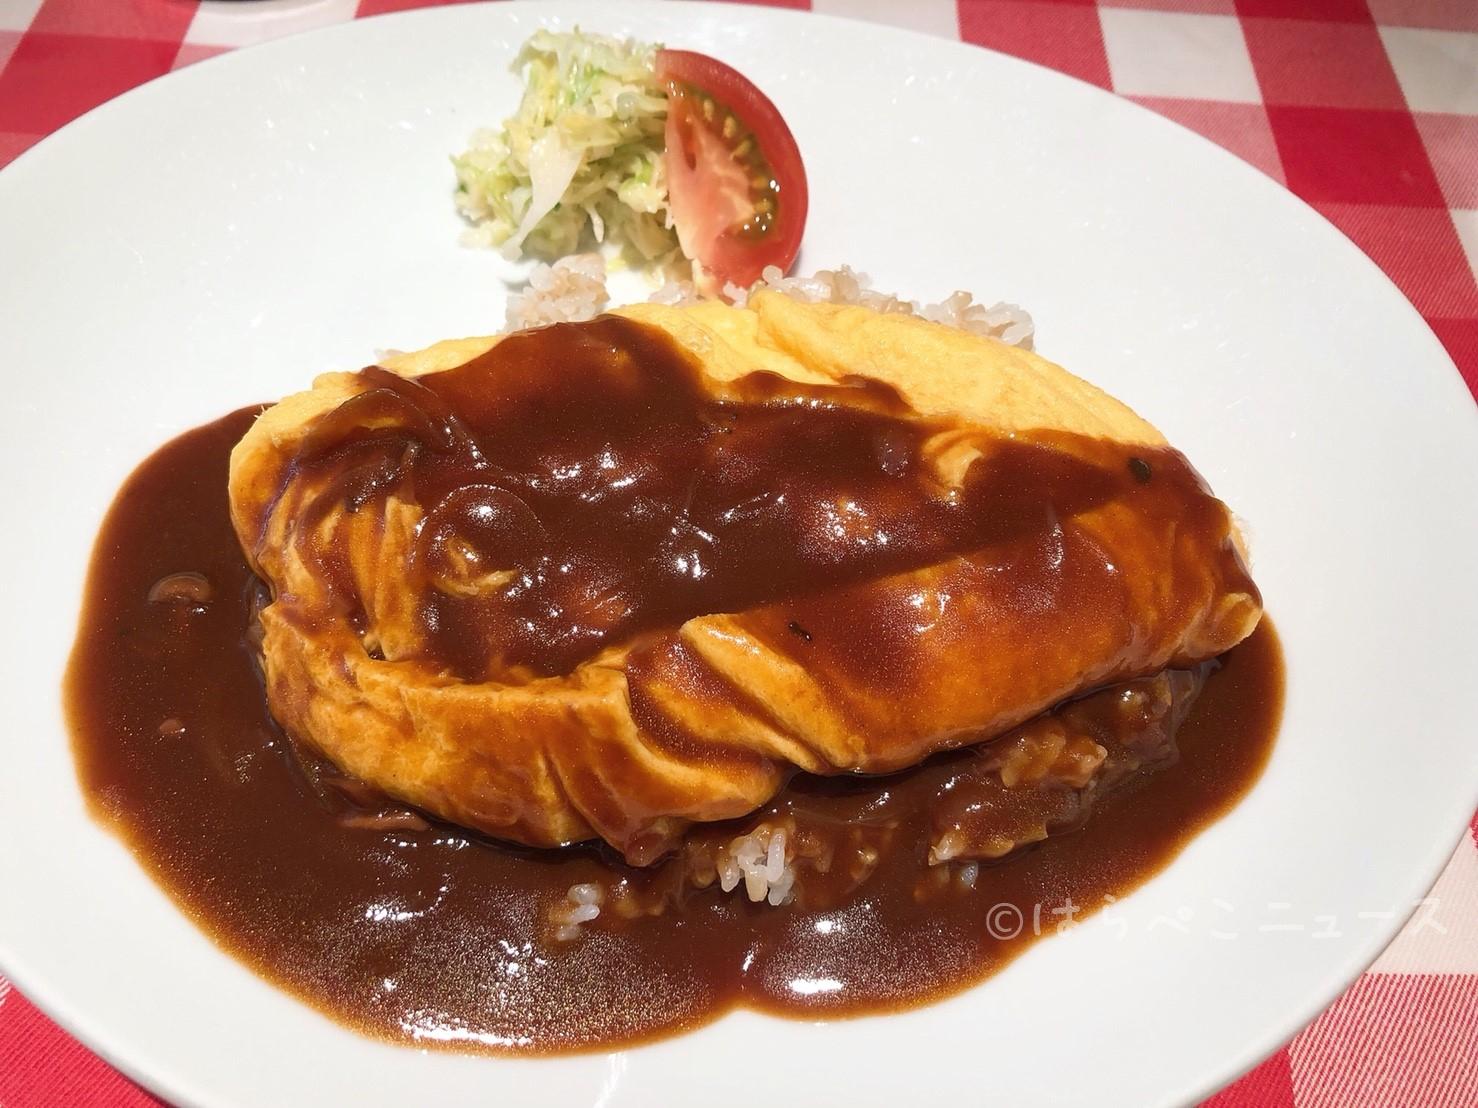 はらぺこニュース|【実食レポ】ふわふわオムレツのランチ!恵比寿「モンタンベール」でカレー専門店ならではのオムカレー!